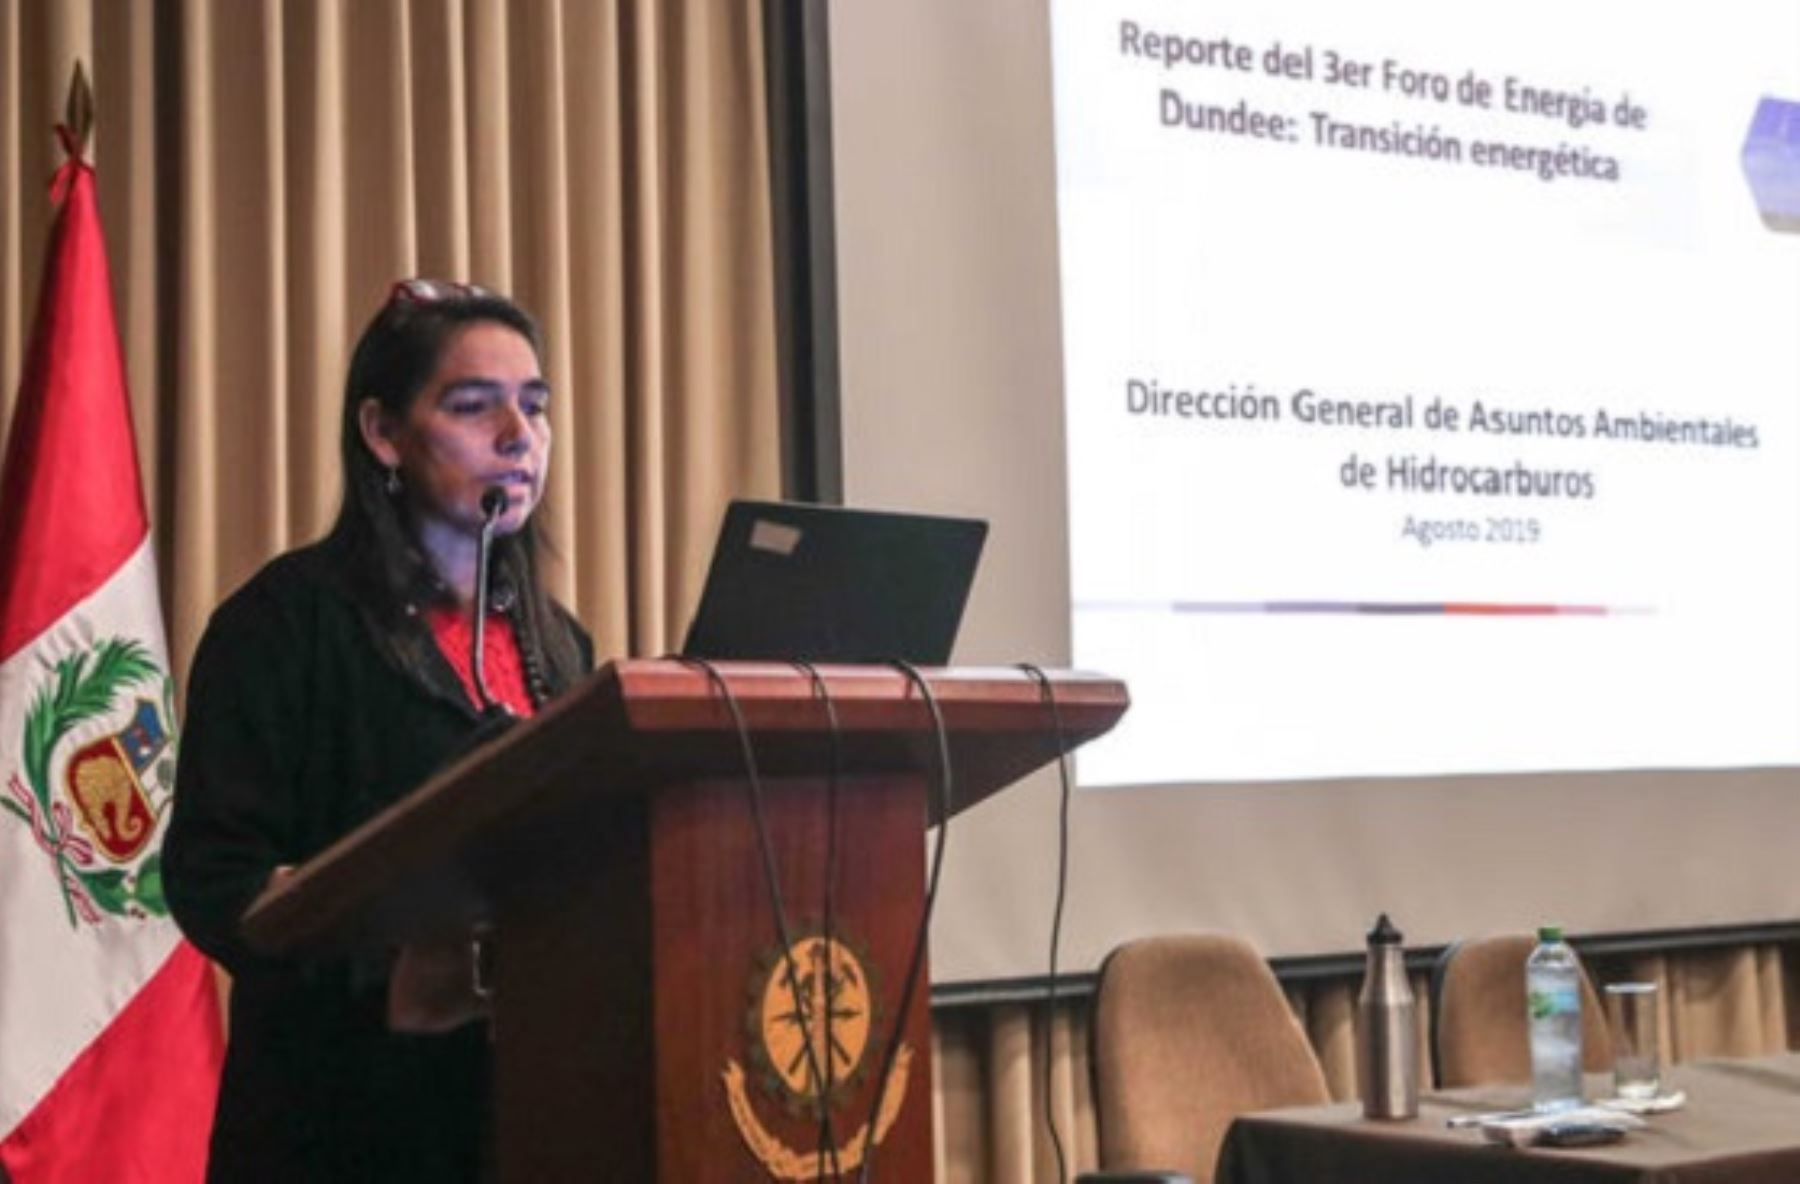 Directora General de Asuntos Ambientales de Hidrocarburos,  Martha Aldana Durán. Foto: Cortesía.